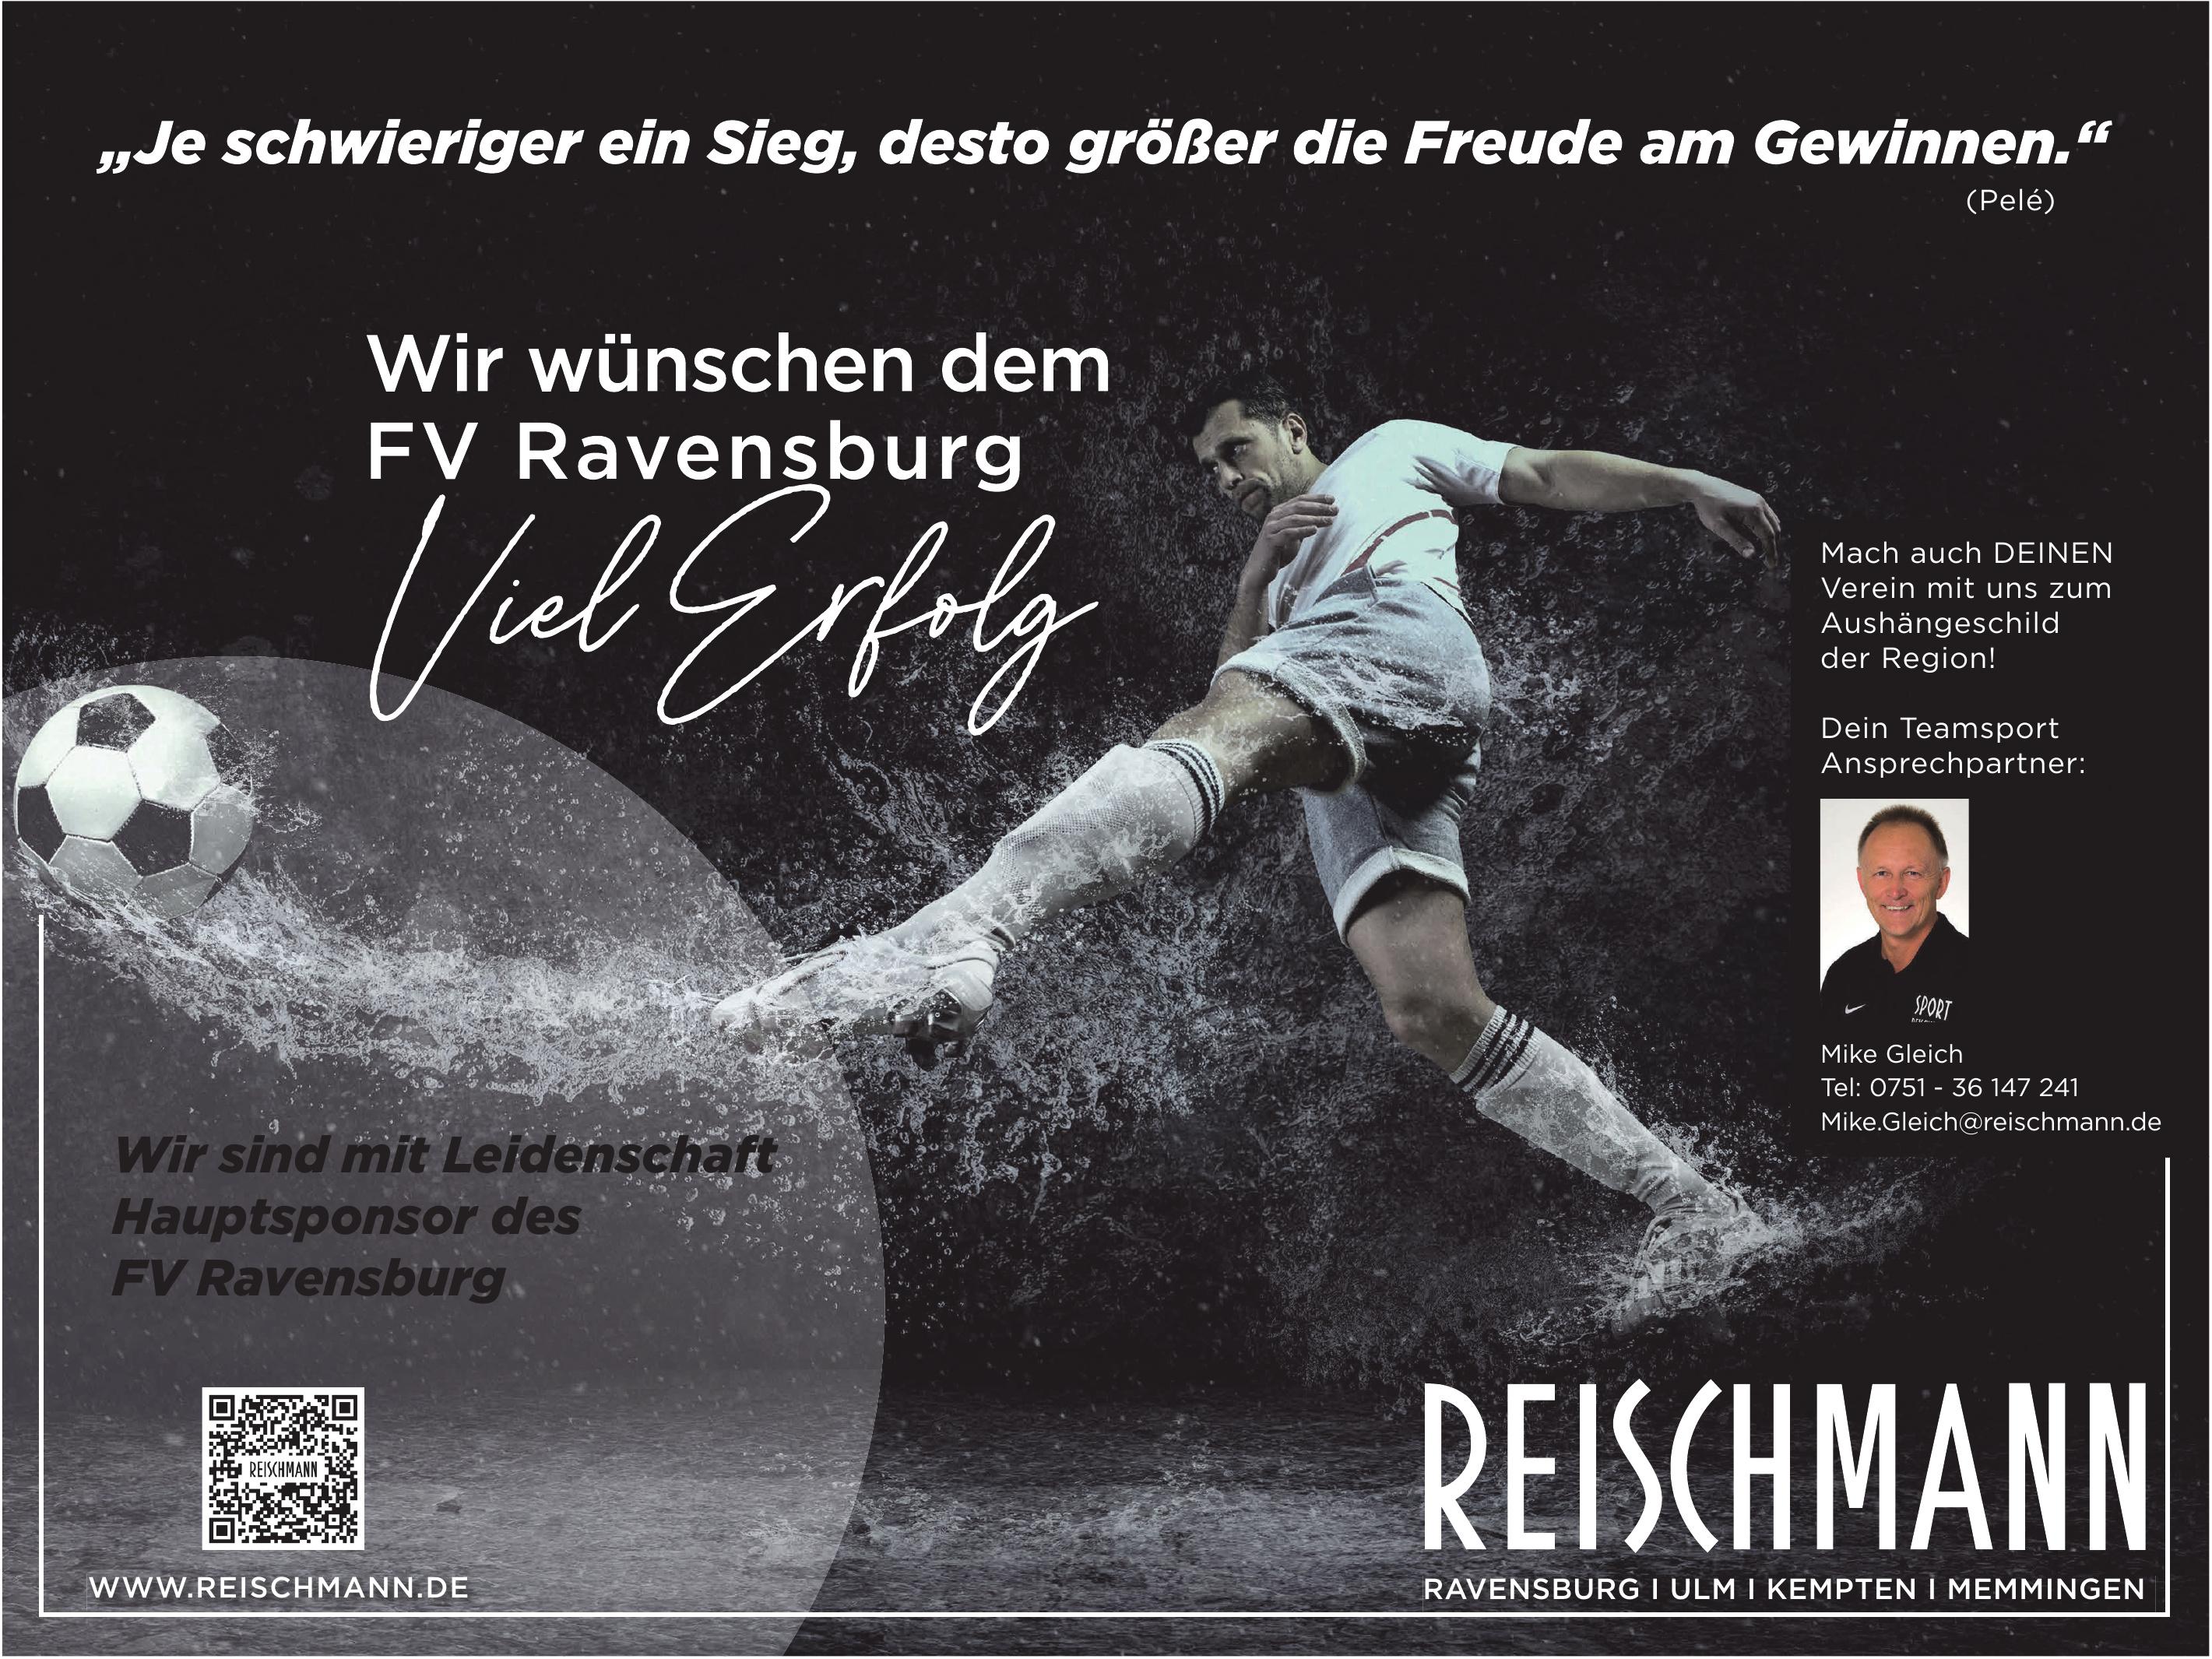 Reischmann